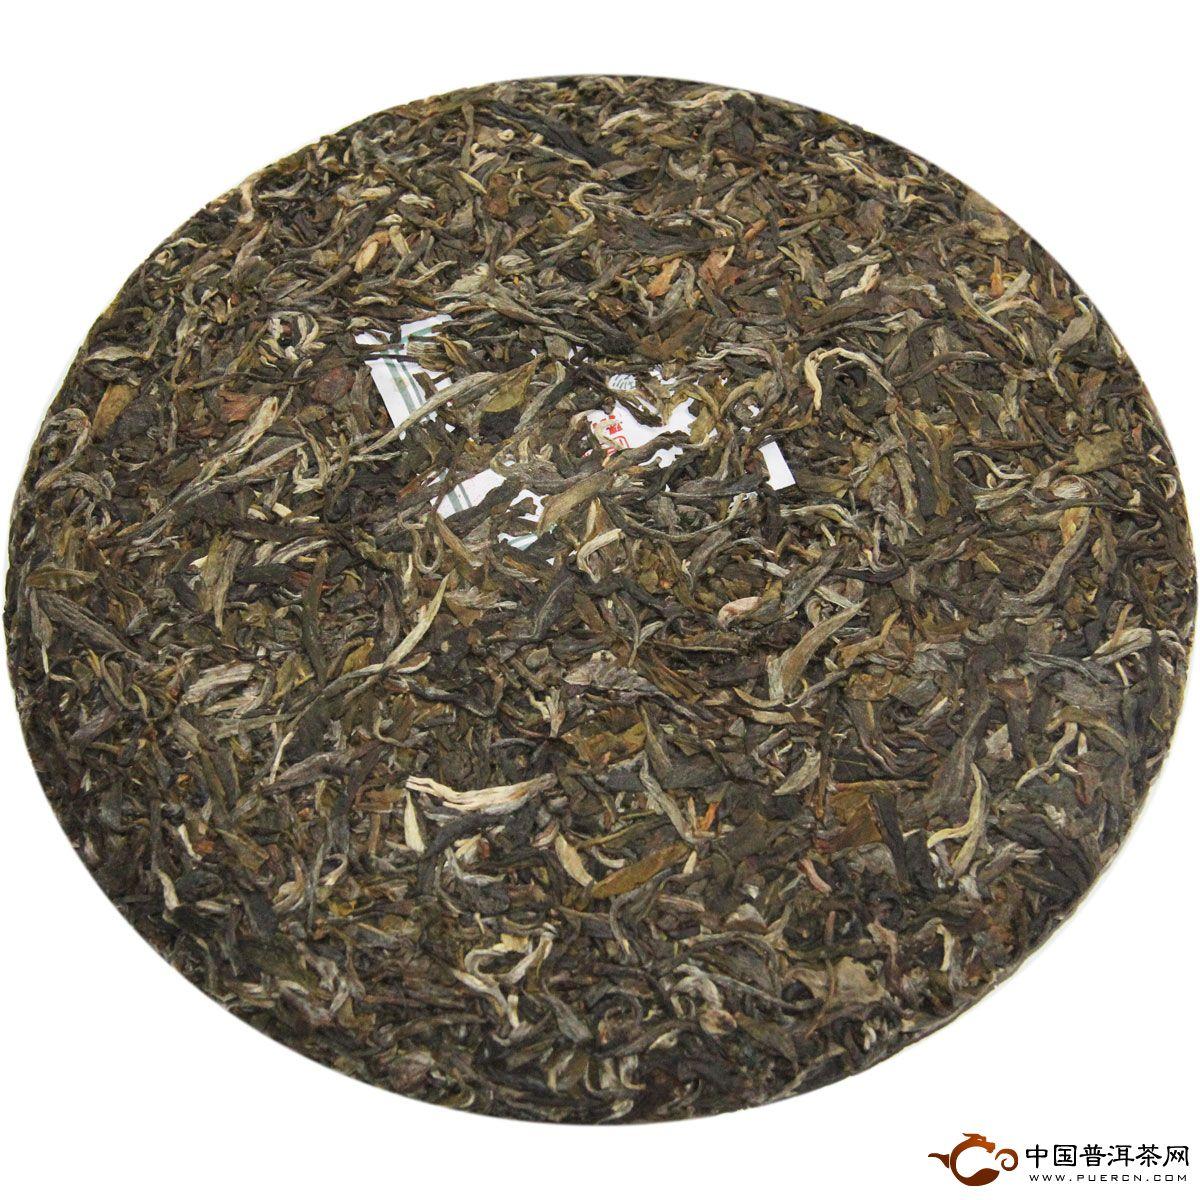 2012年陈升号龙年生肖纪念茶(生茶) 500克